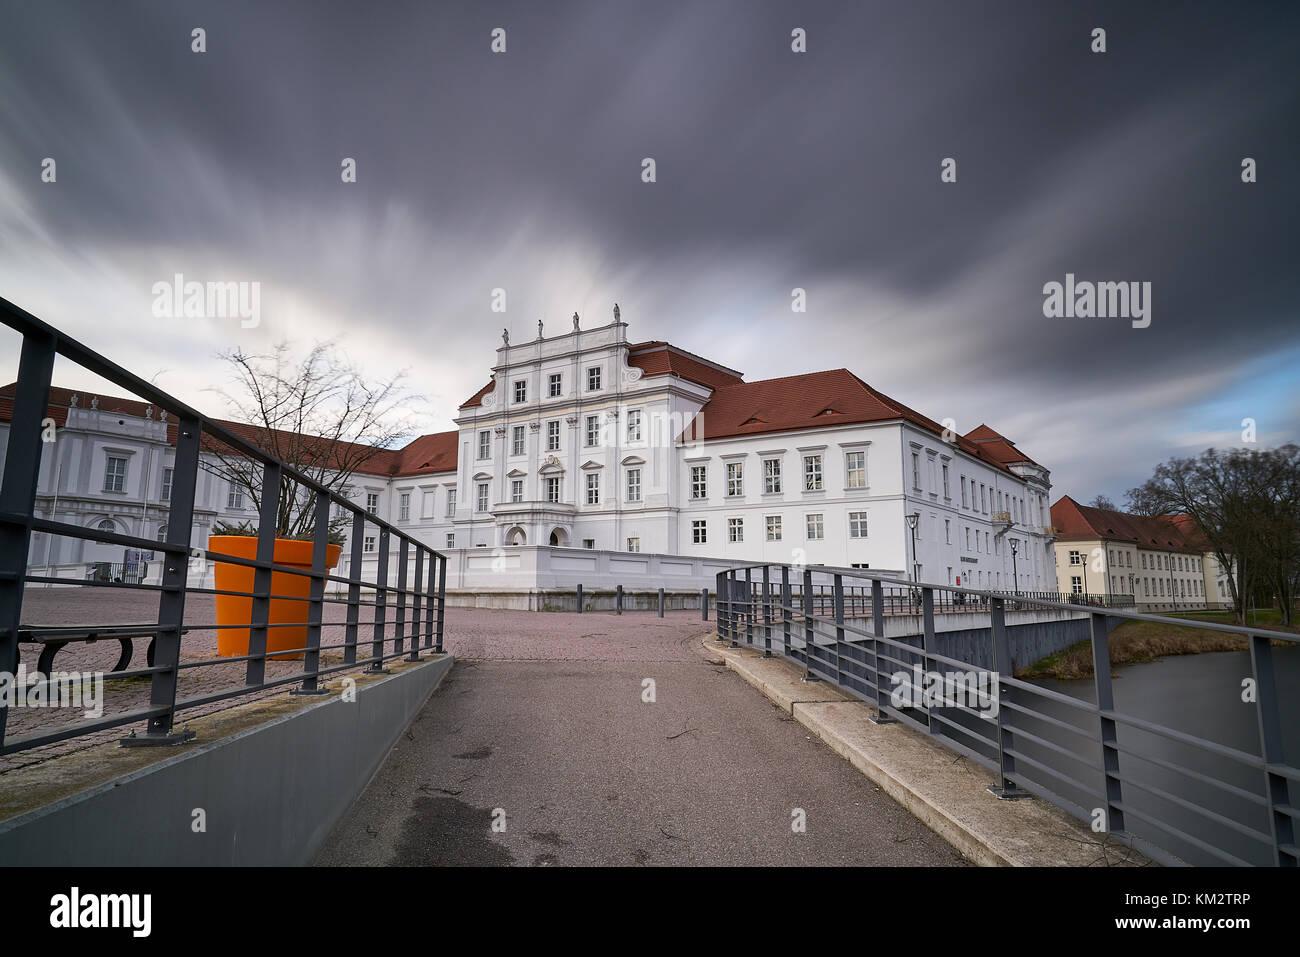 Weiße Stadt - WOBA Oranienburg